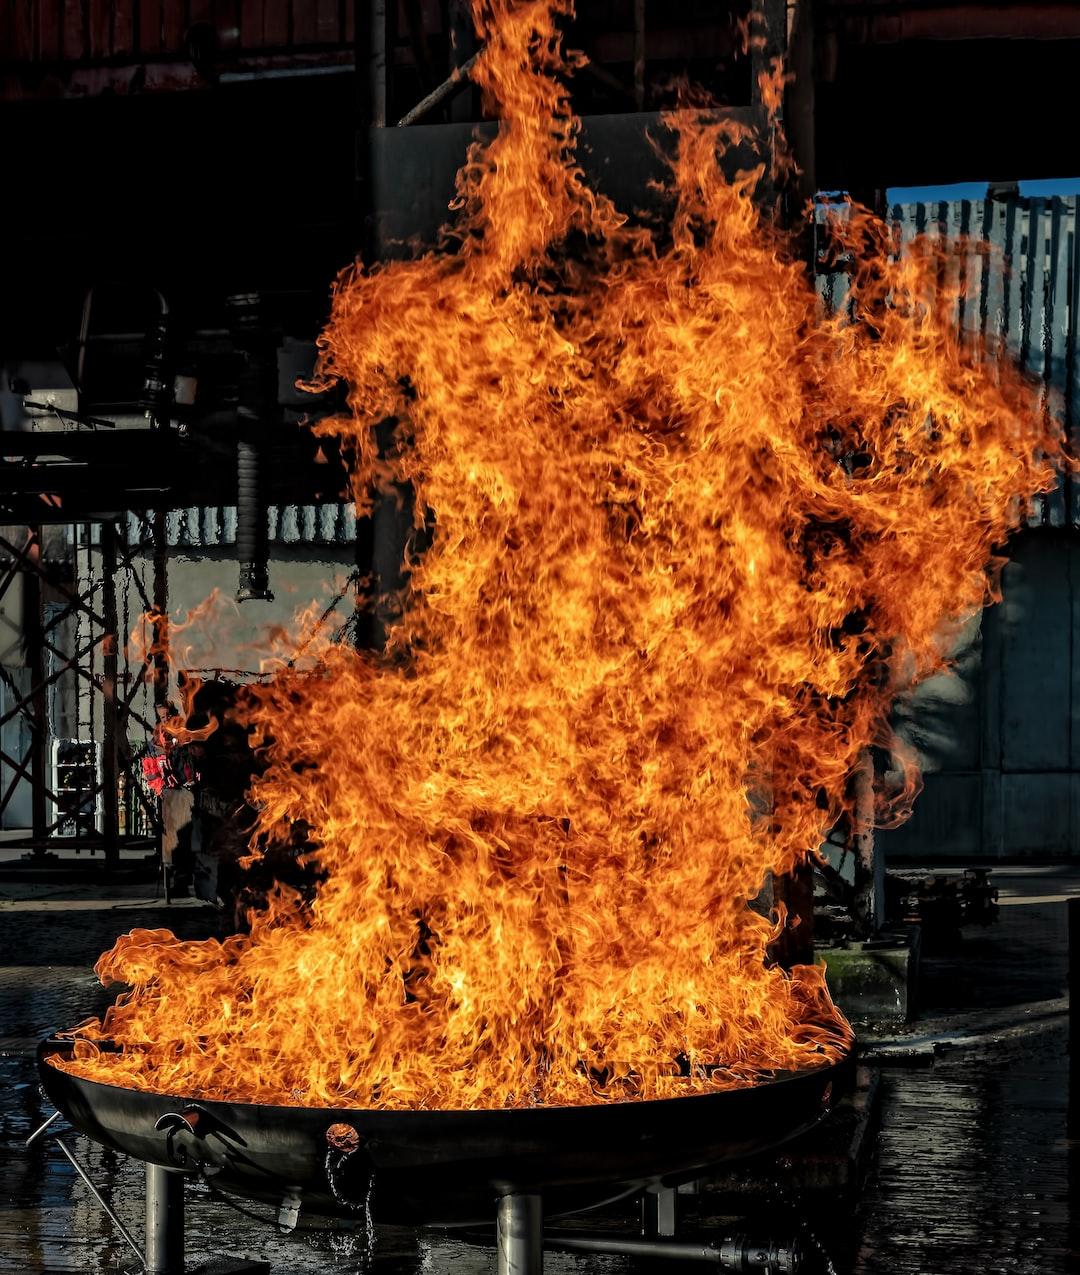 Fire 965